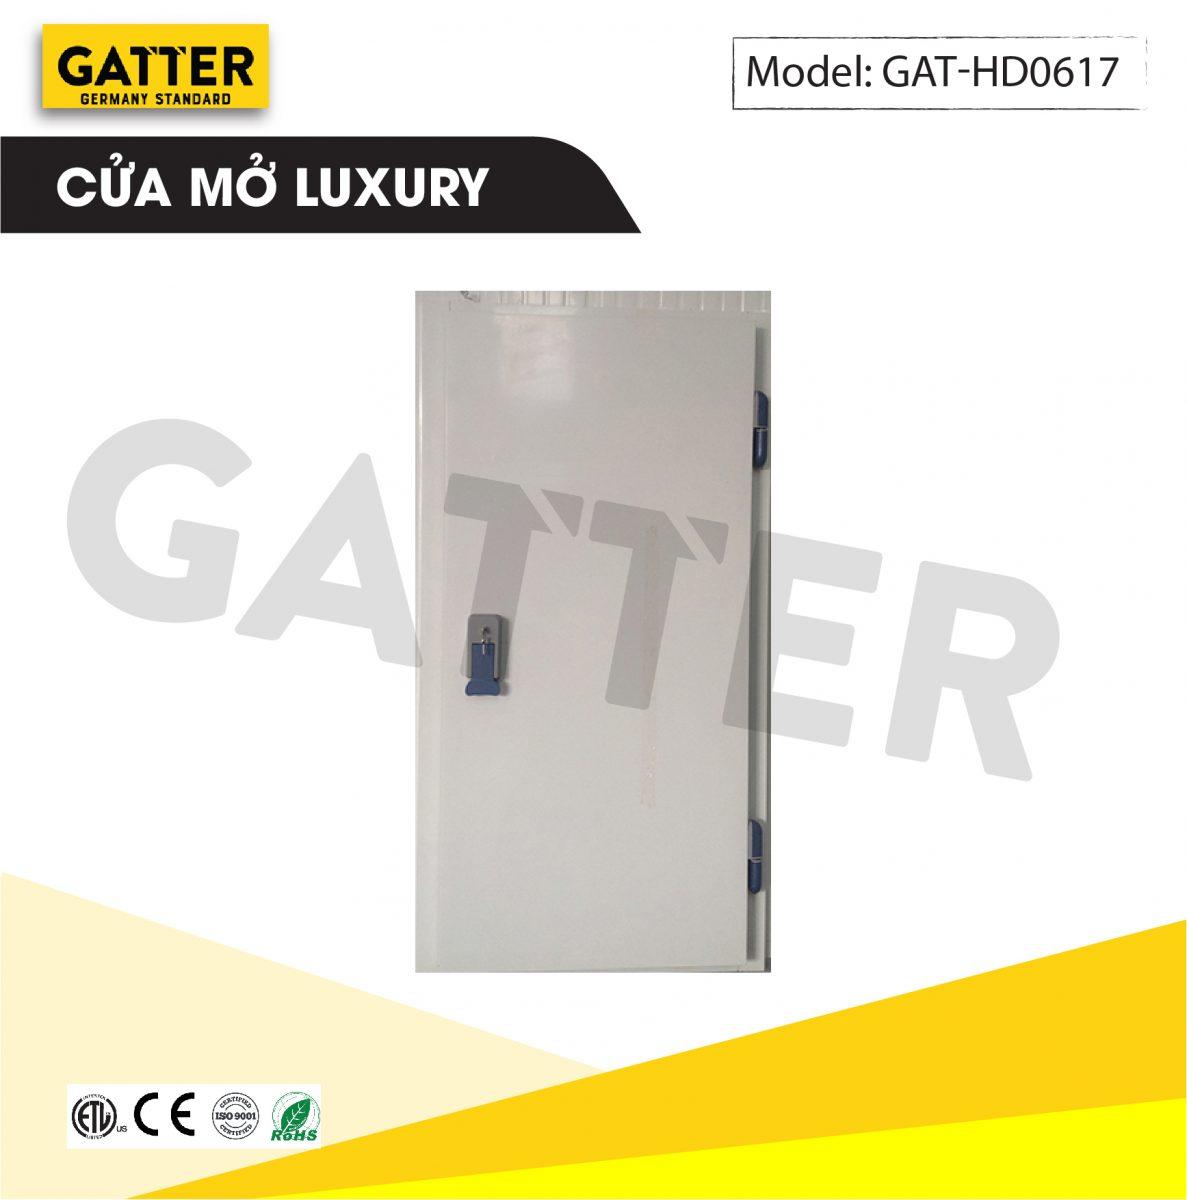 Cua-mo-luxury-GAT-HD0617